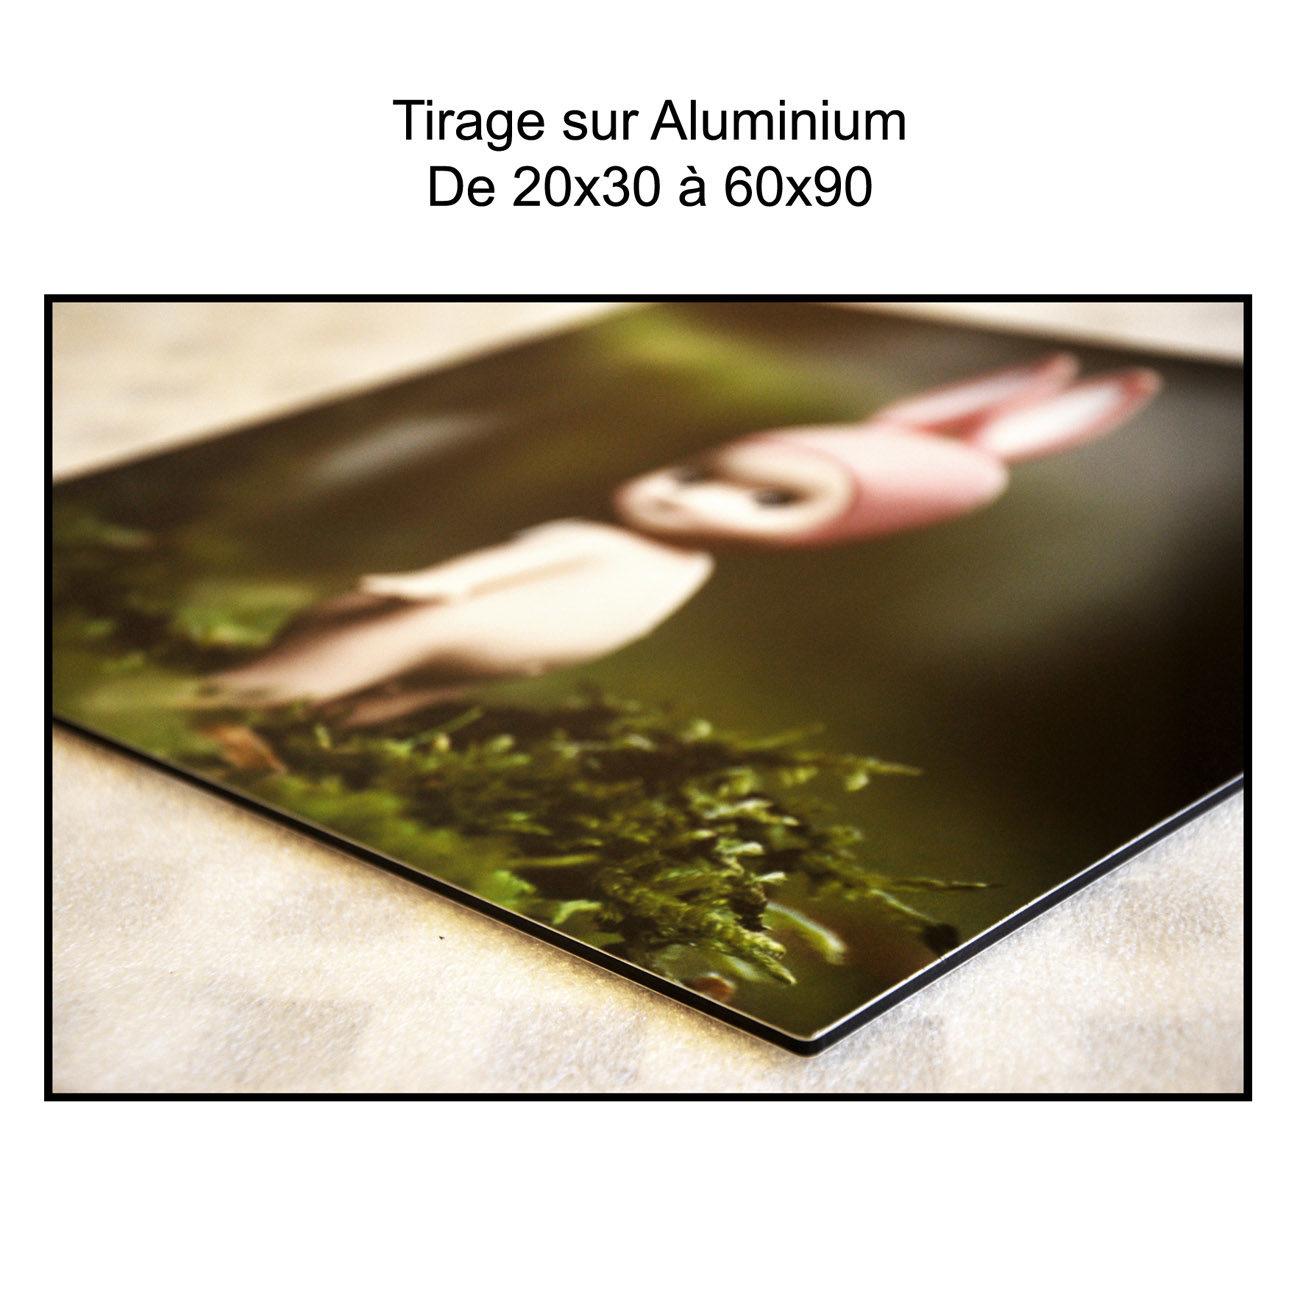 Tirage sur aluminium